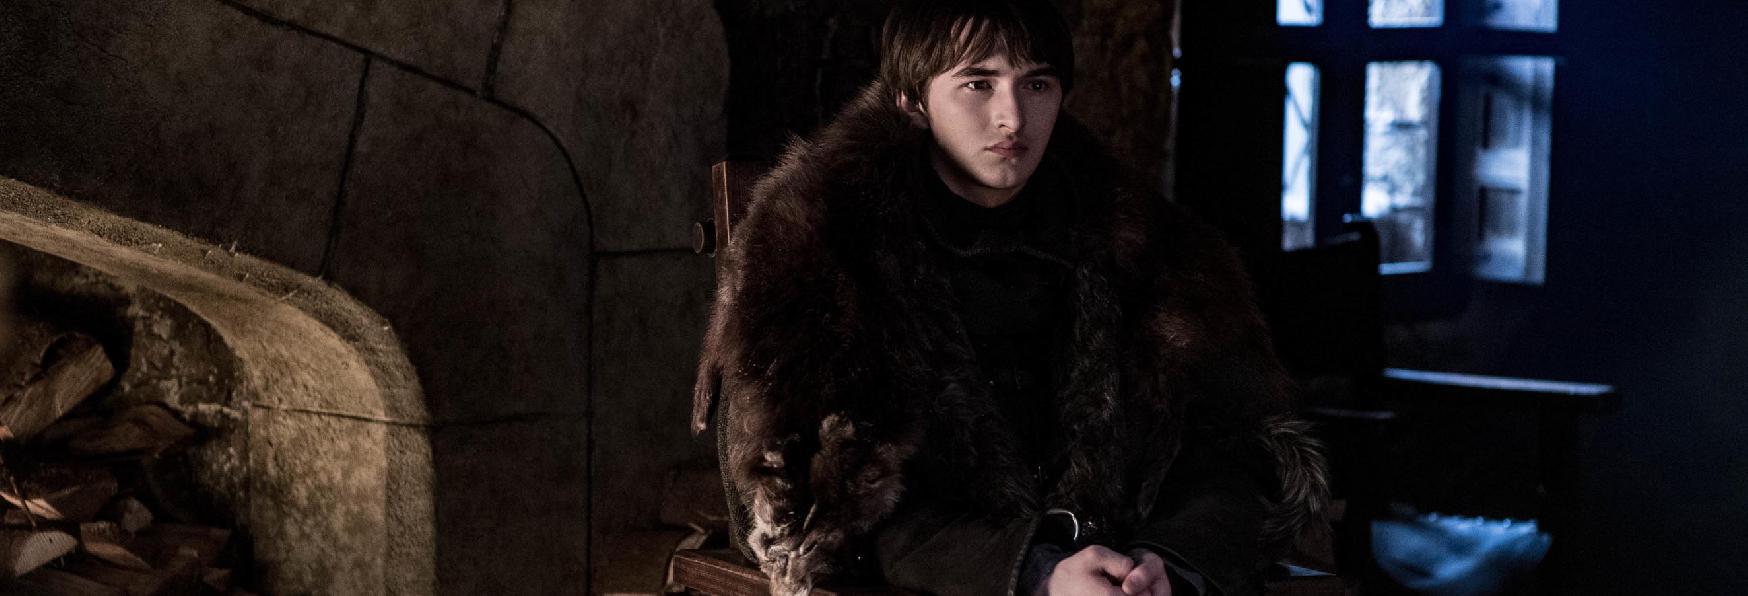 Game of Thrones 8x02: le Anticipazioni, le Domande e le Previsioni sull'Episodio Inedito